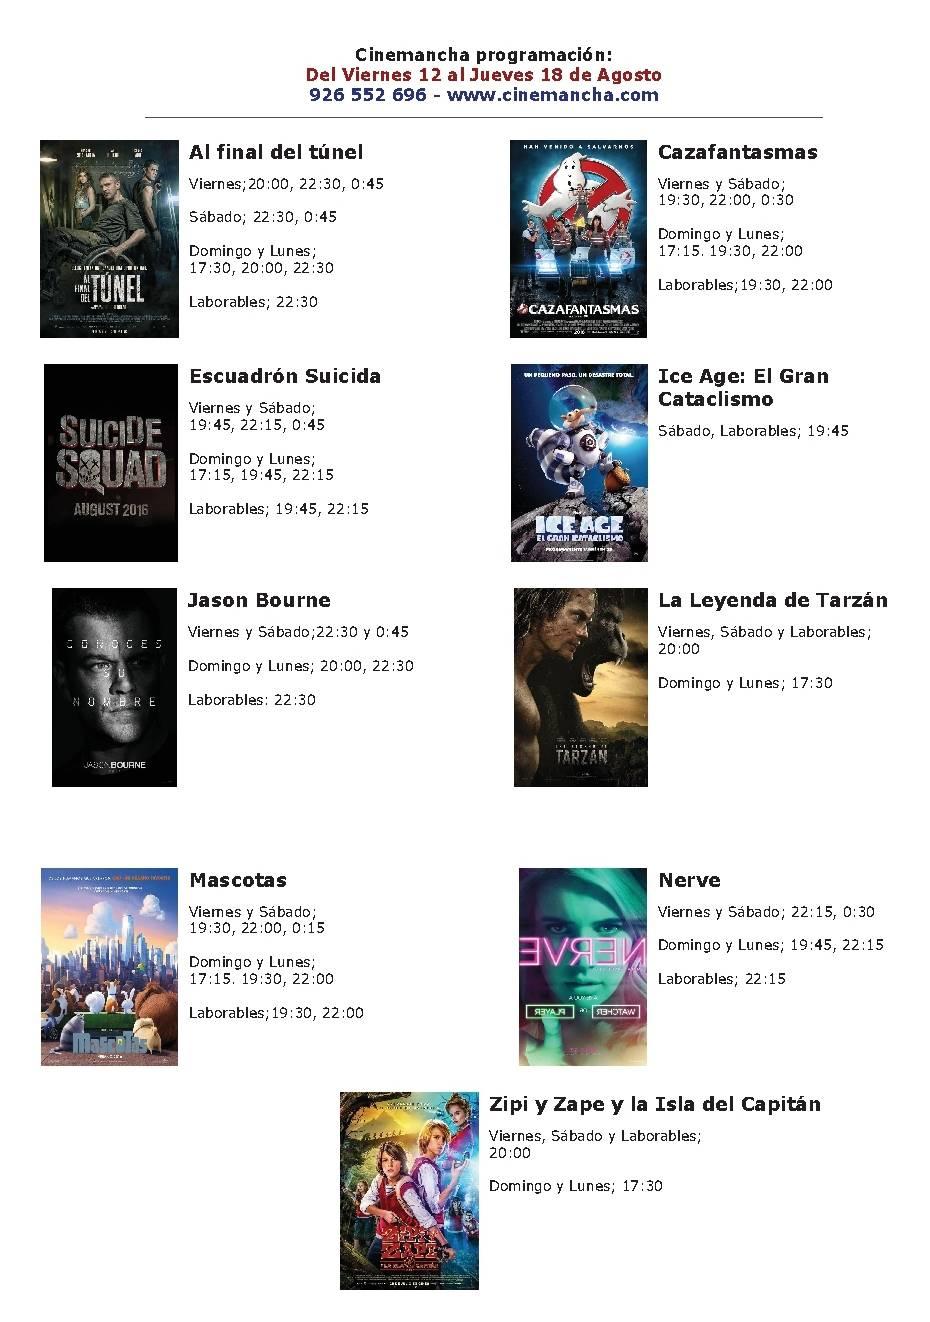 Cartelera Cinemancha del 12 al 18 de agosto 1